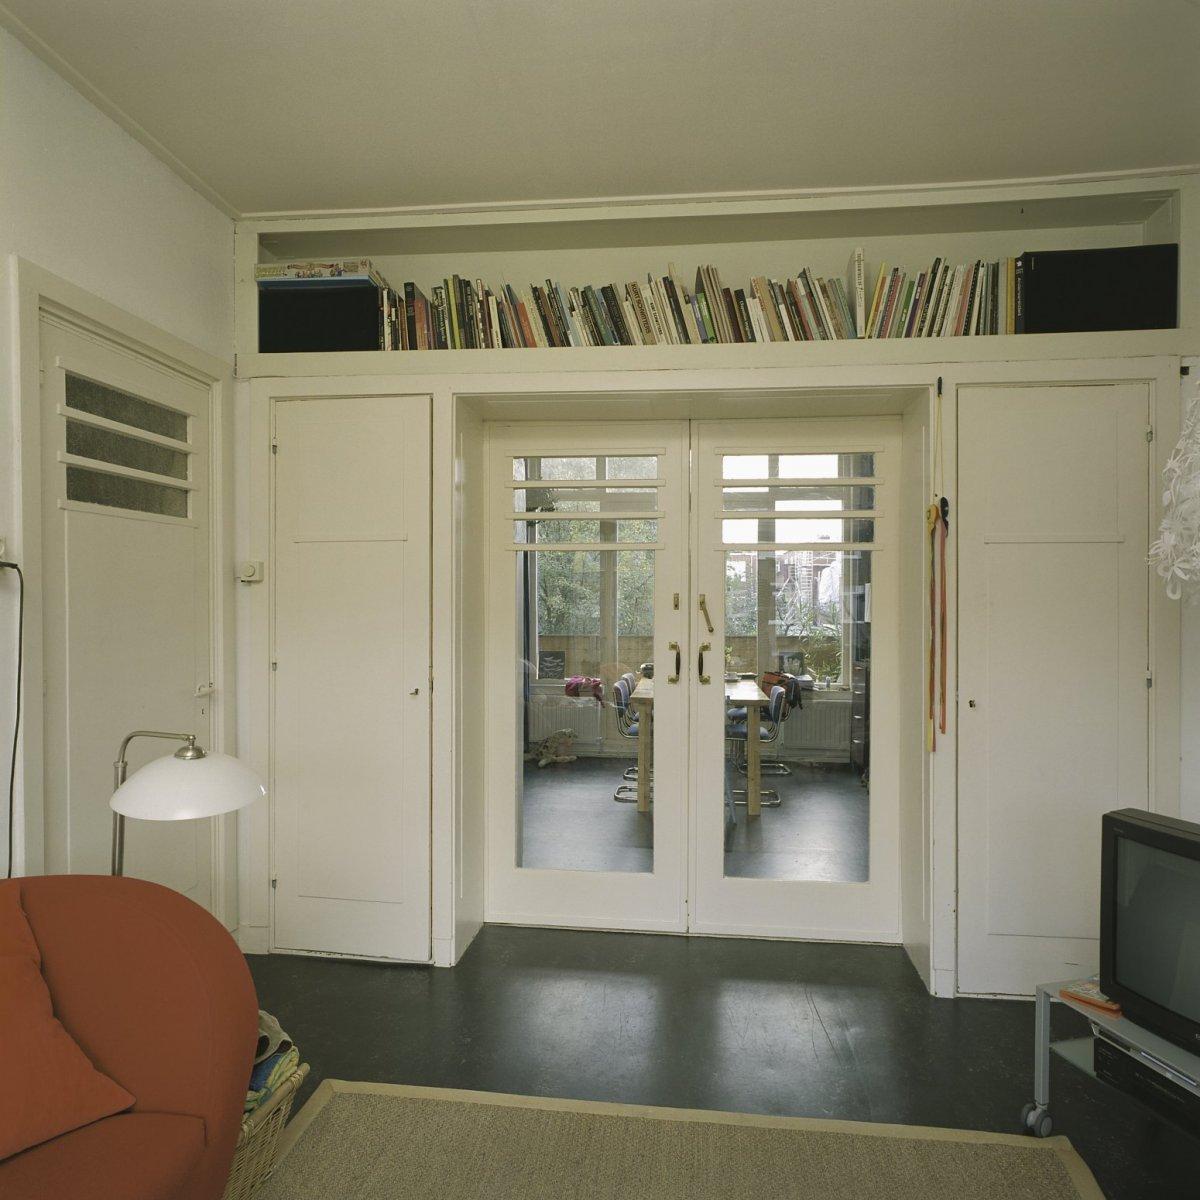 File interieur overzicht van de voorkamer met gesloten schuifdeuren en een authentieke - Van de kamer kind ...